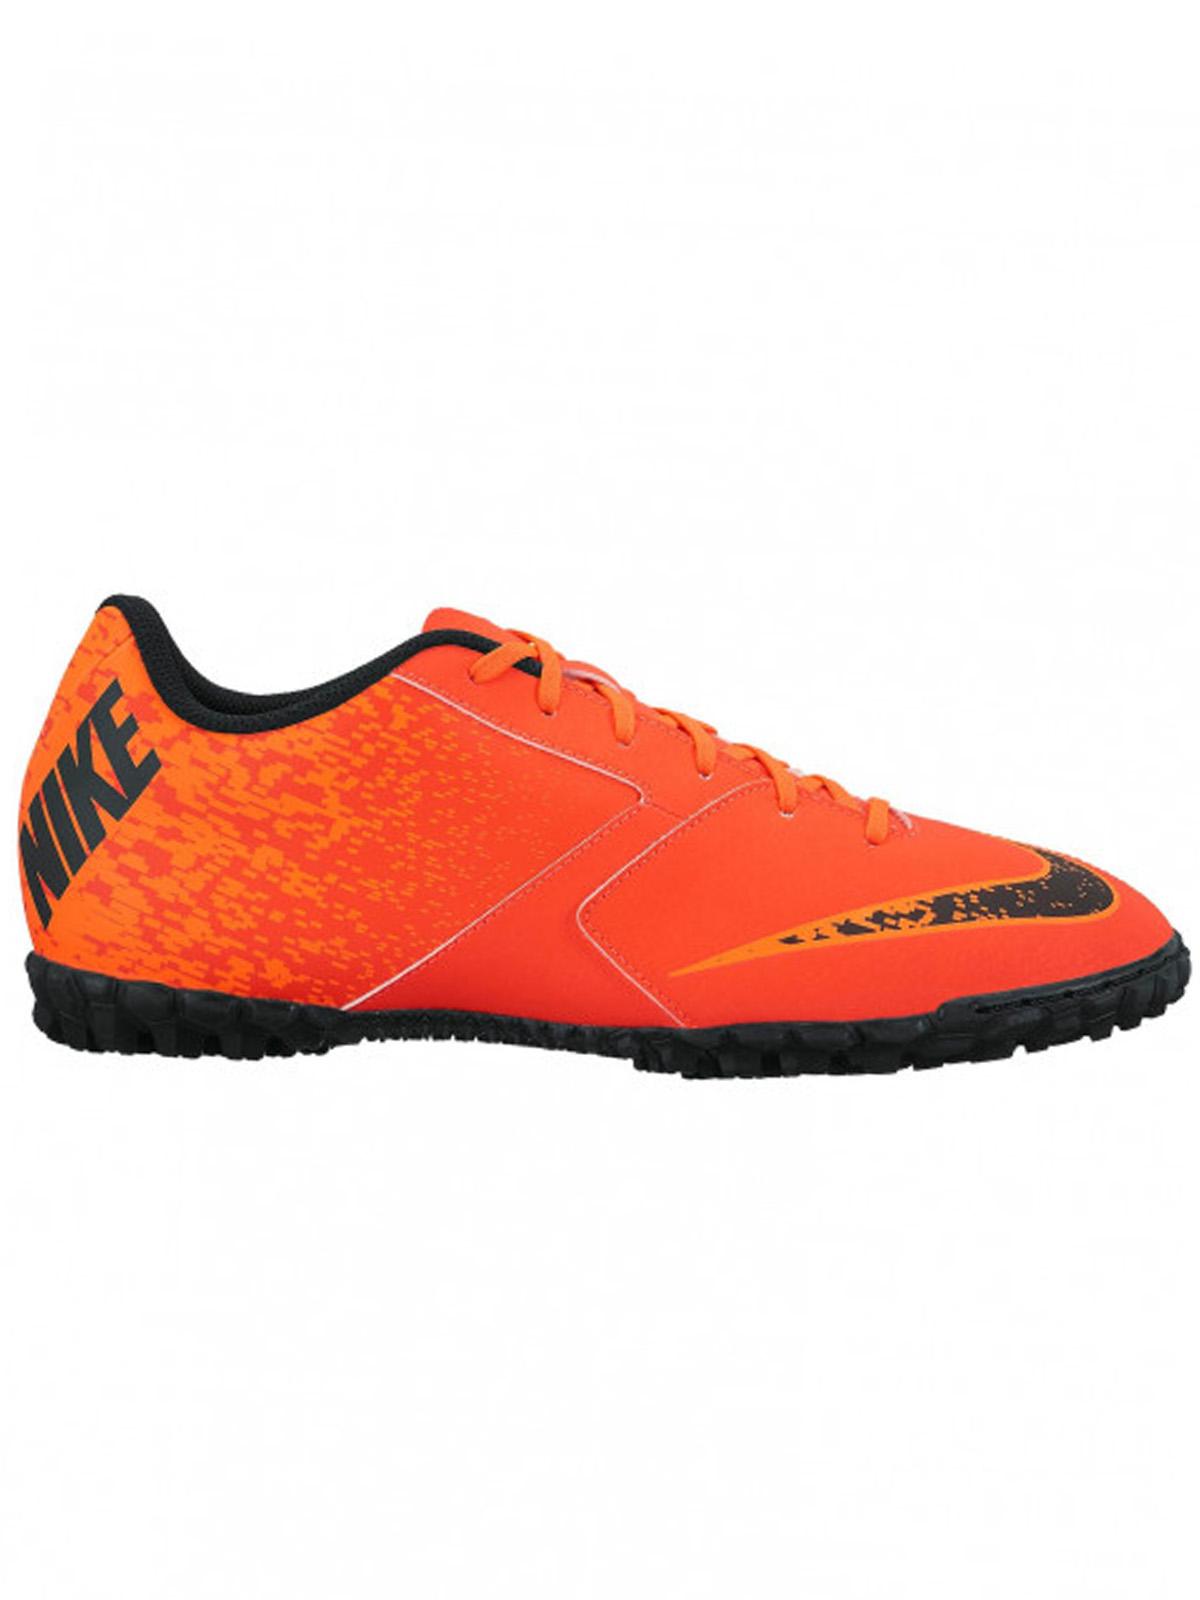 Nike Bomba scarpe calcetto 826486 600